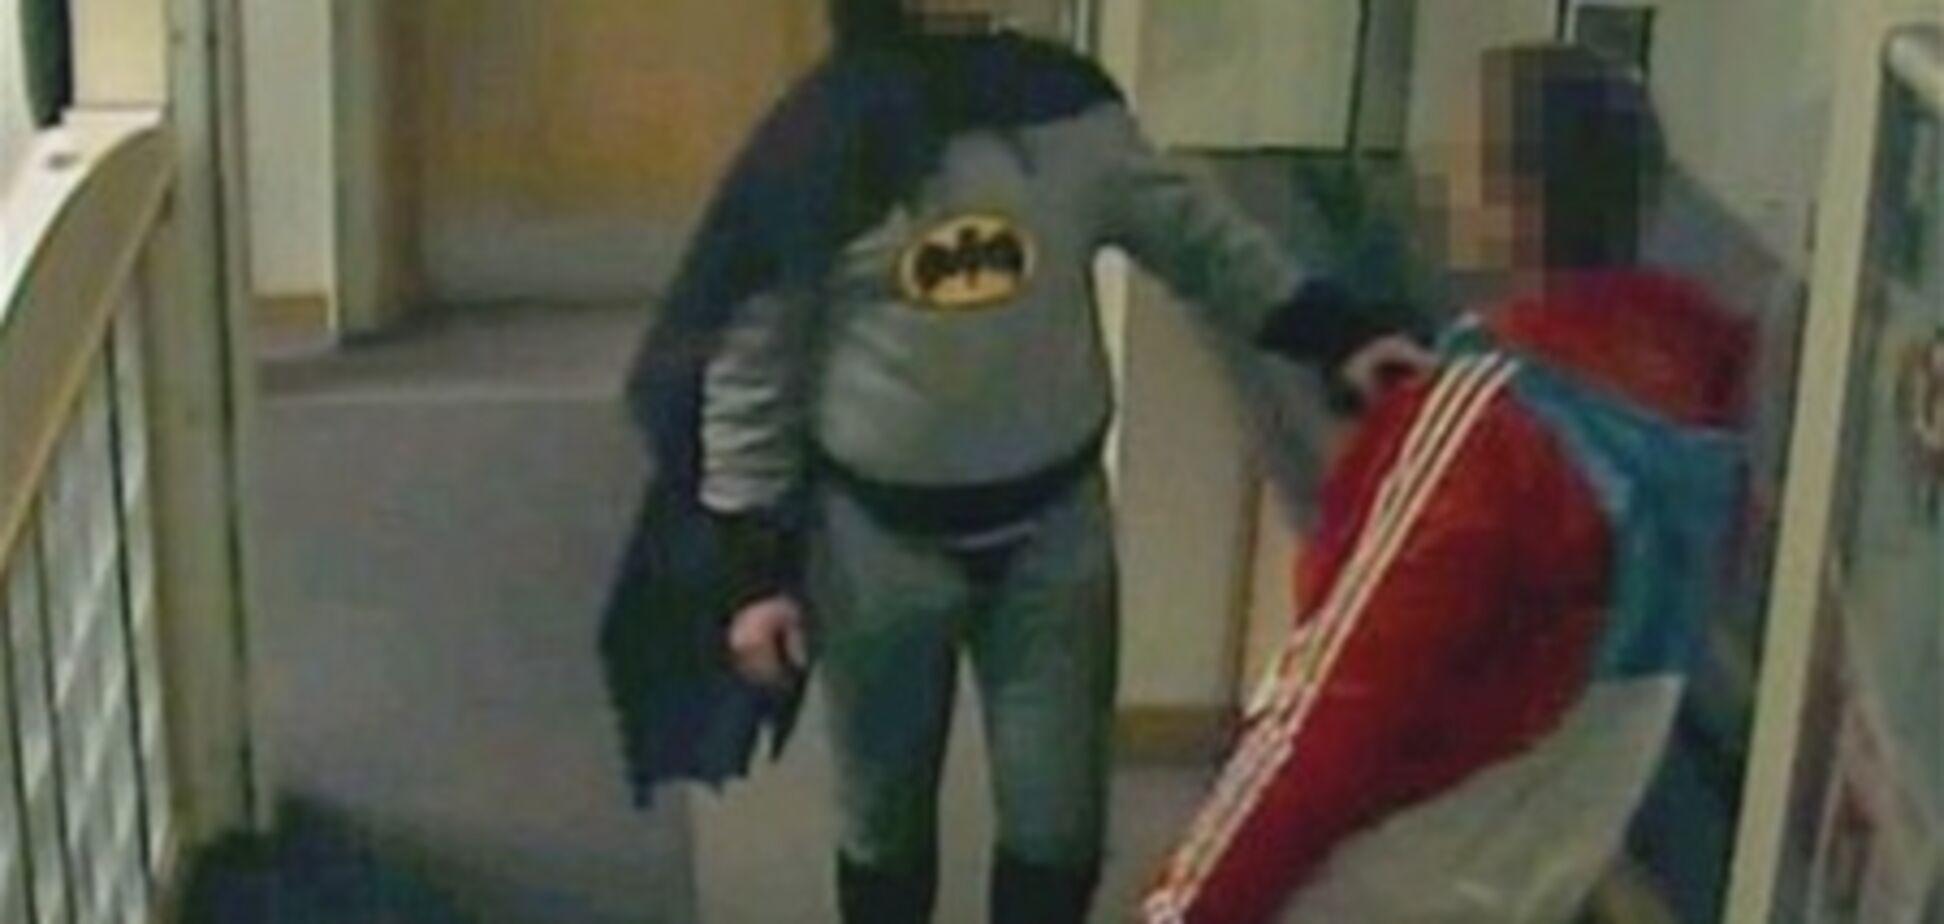 У Британії 'Бетмен' доставив злочинця в поліцію. Фото. Відео